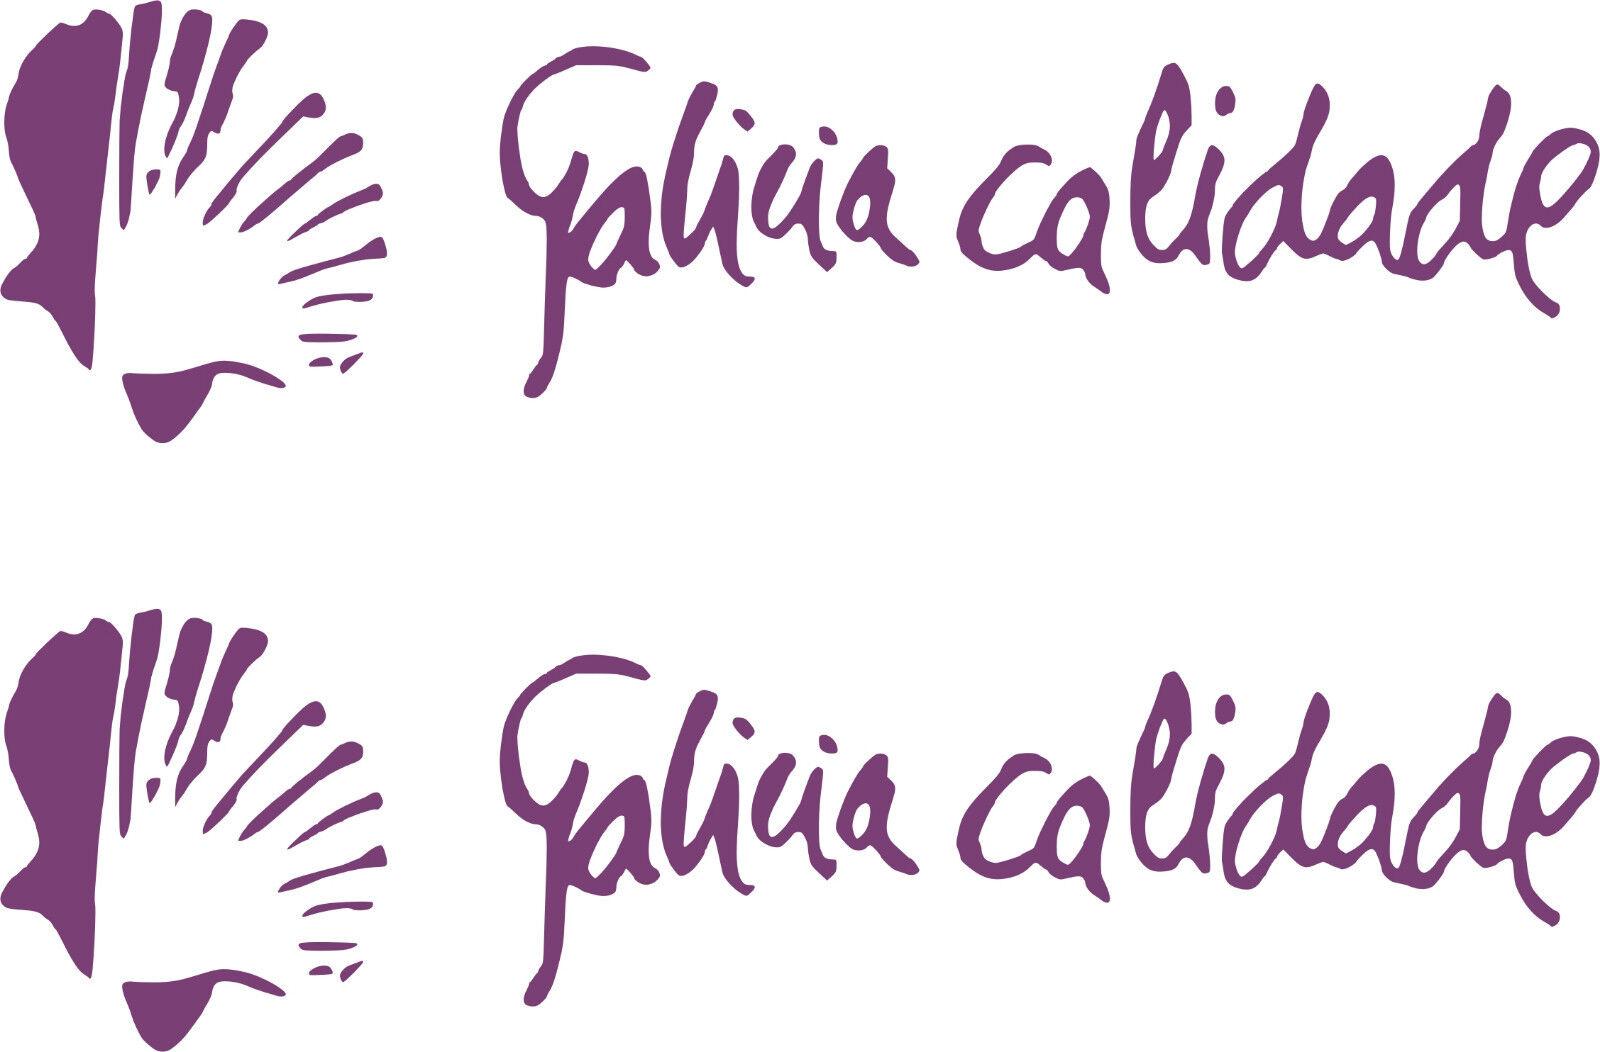 2 PEGATINAS PEGATINAS 2 VINILO - Galicia Calidade - Vinyl - AufKleber - Sticker - Moto c52b42